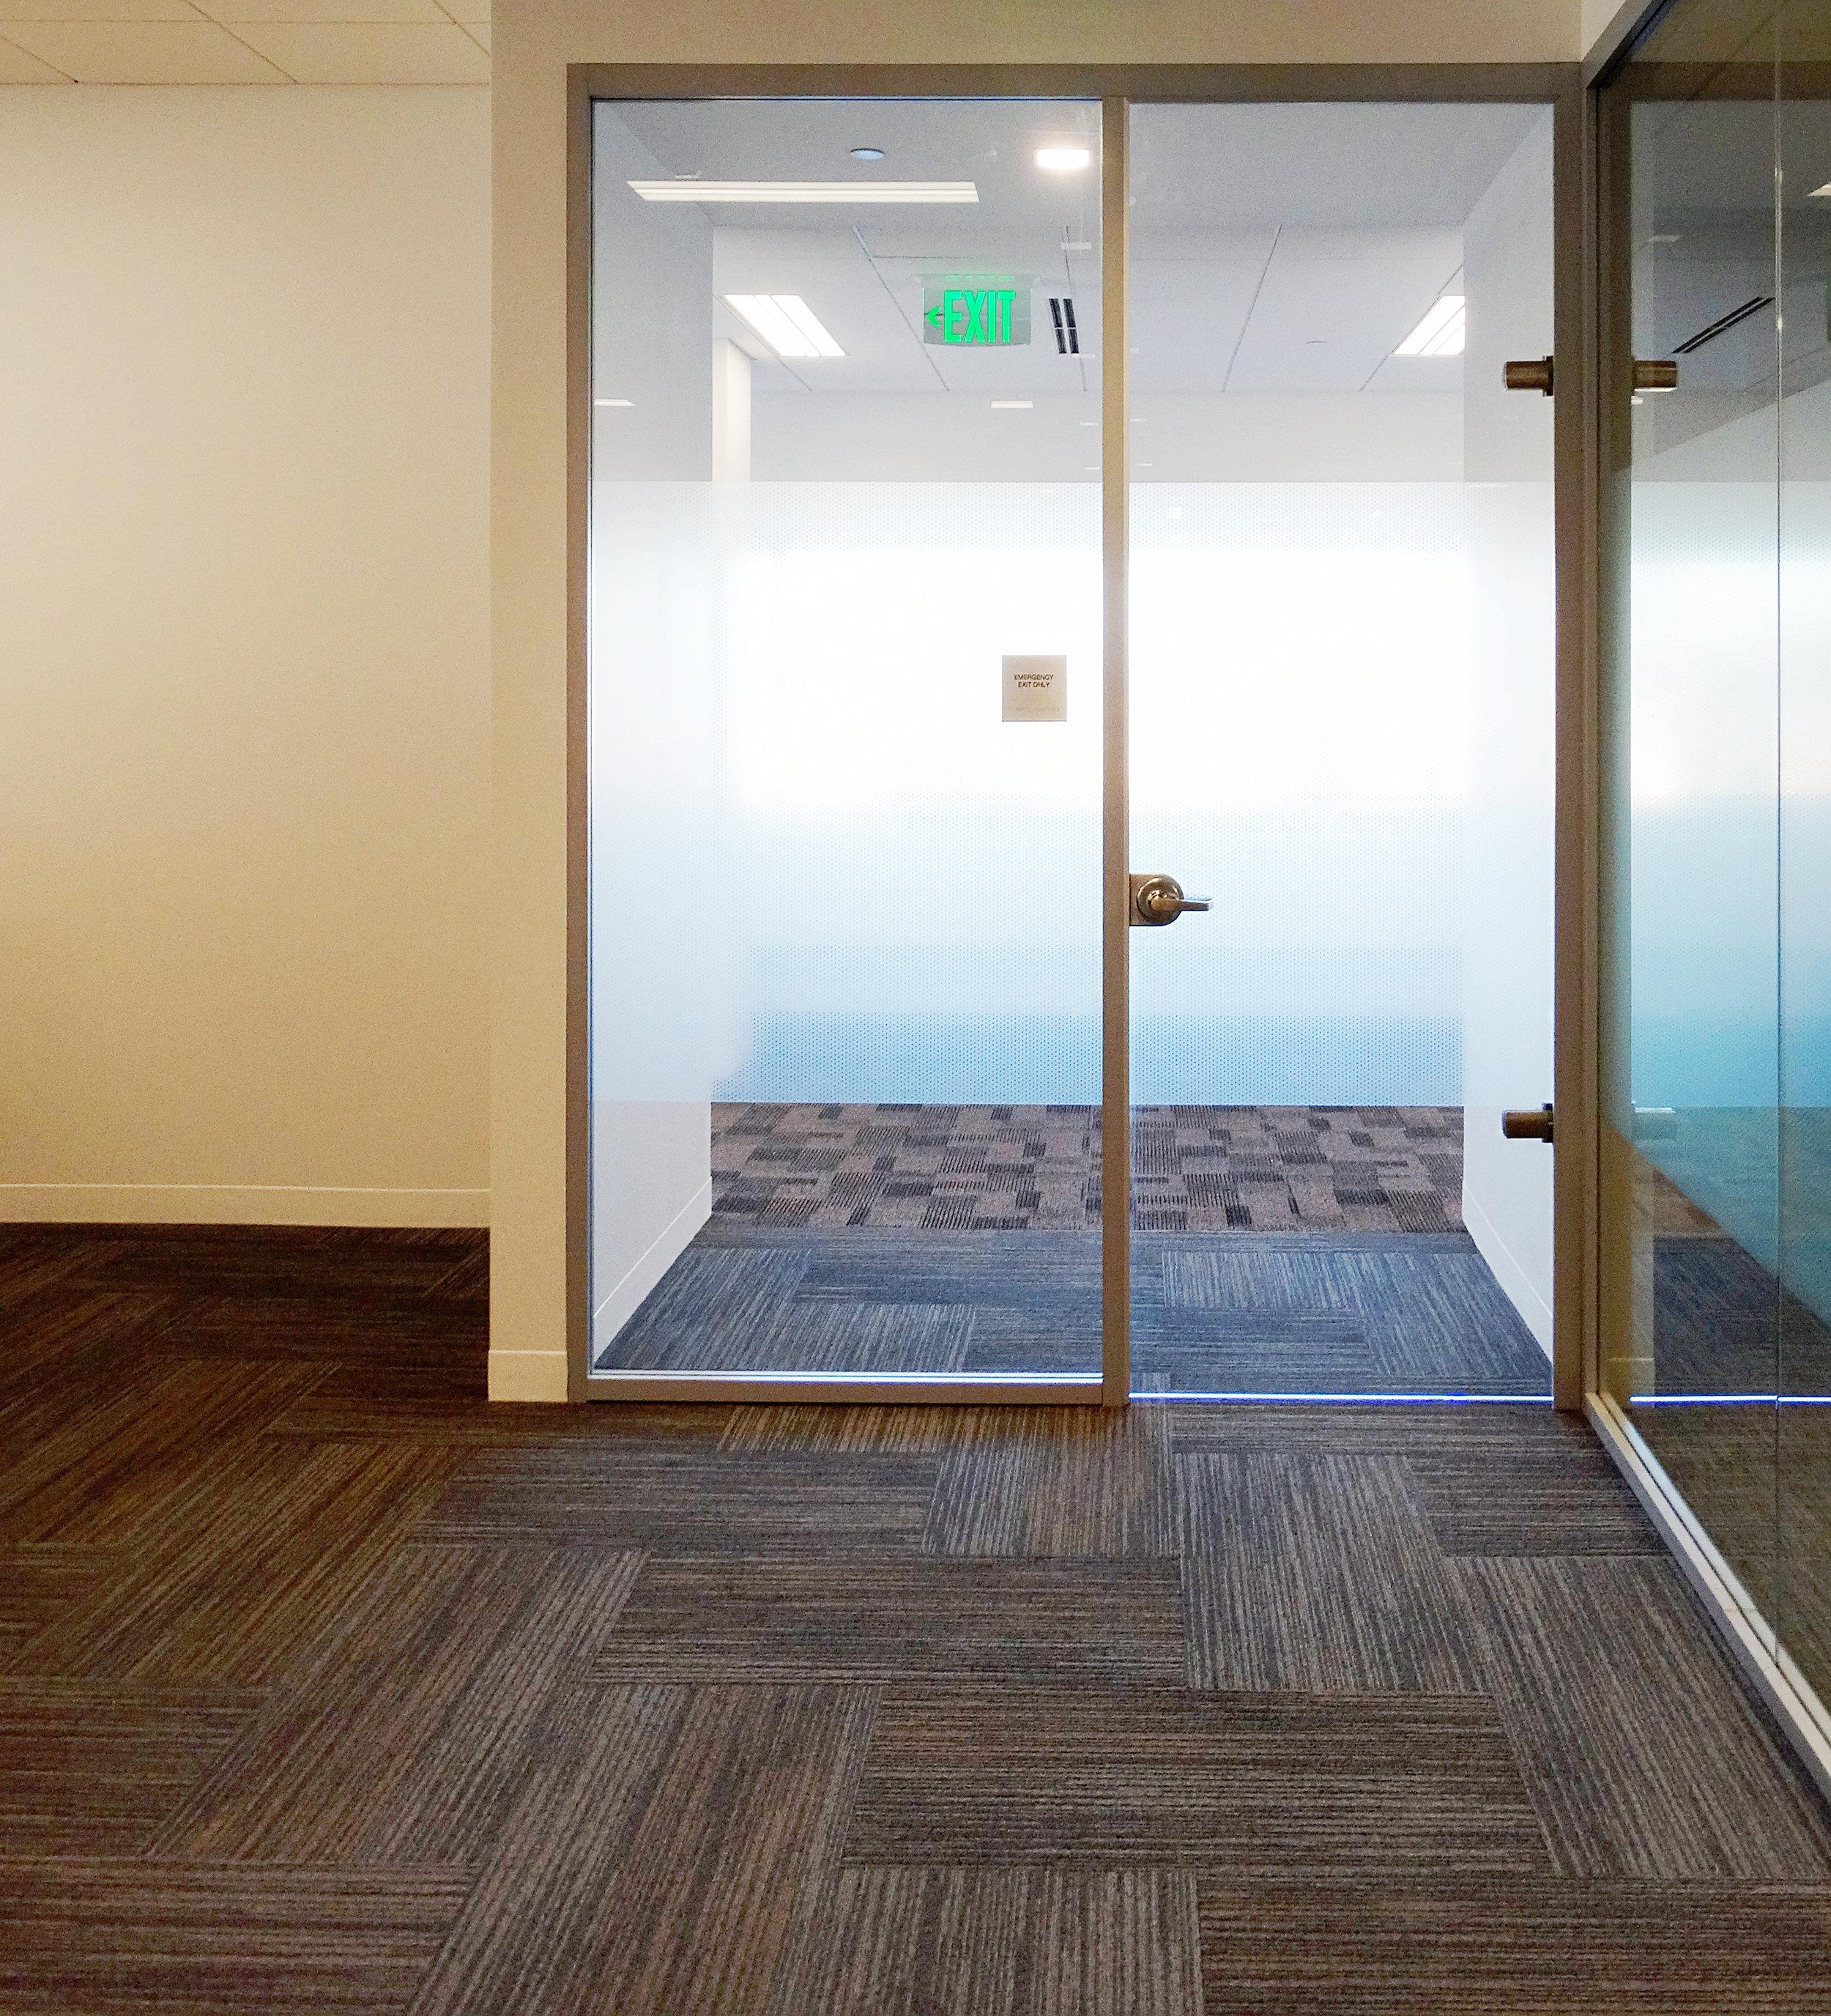 Litespace Frameless Glass Hinge Door - Spaceworks AI.jpg